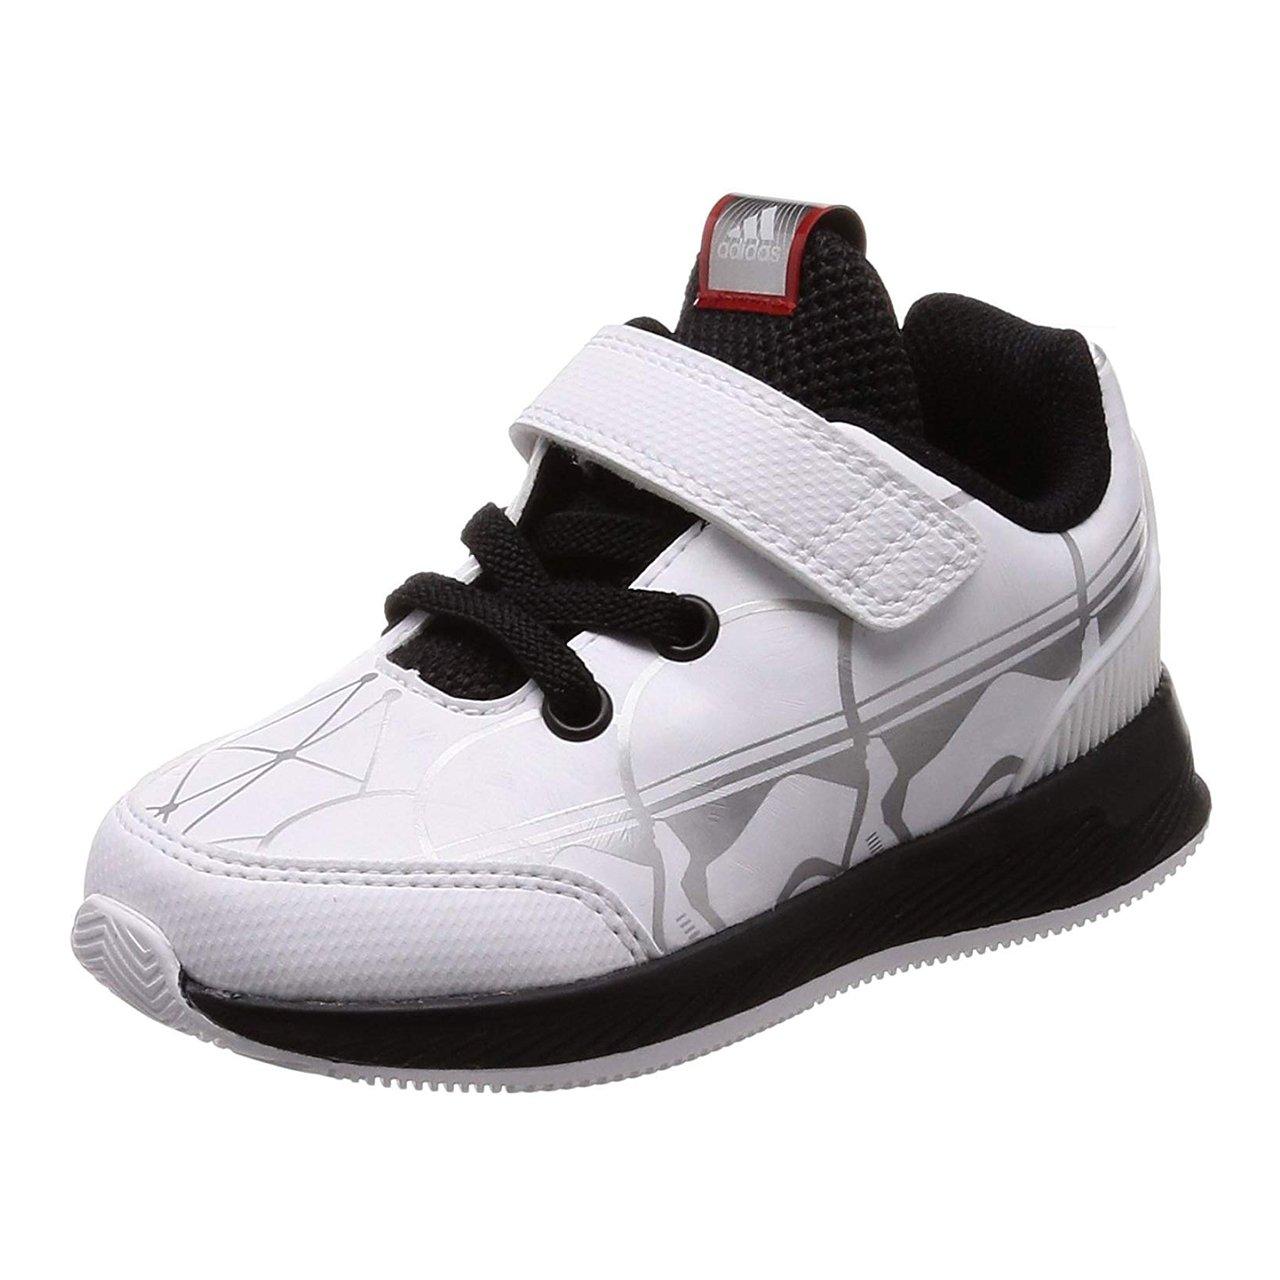 Adidas Starwars RapidaRun I, Zapatillas de Estar por Casa Bebé Unisex, Blanco (Ftwbla/Negbas / Escarl 000), 19 EU Zapatillas de Estar por Casa Bebé Unisex CQ0120